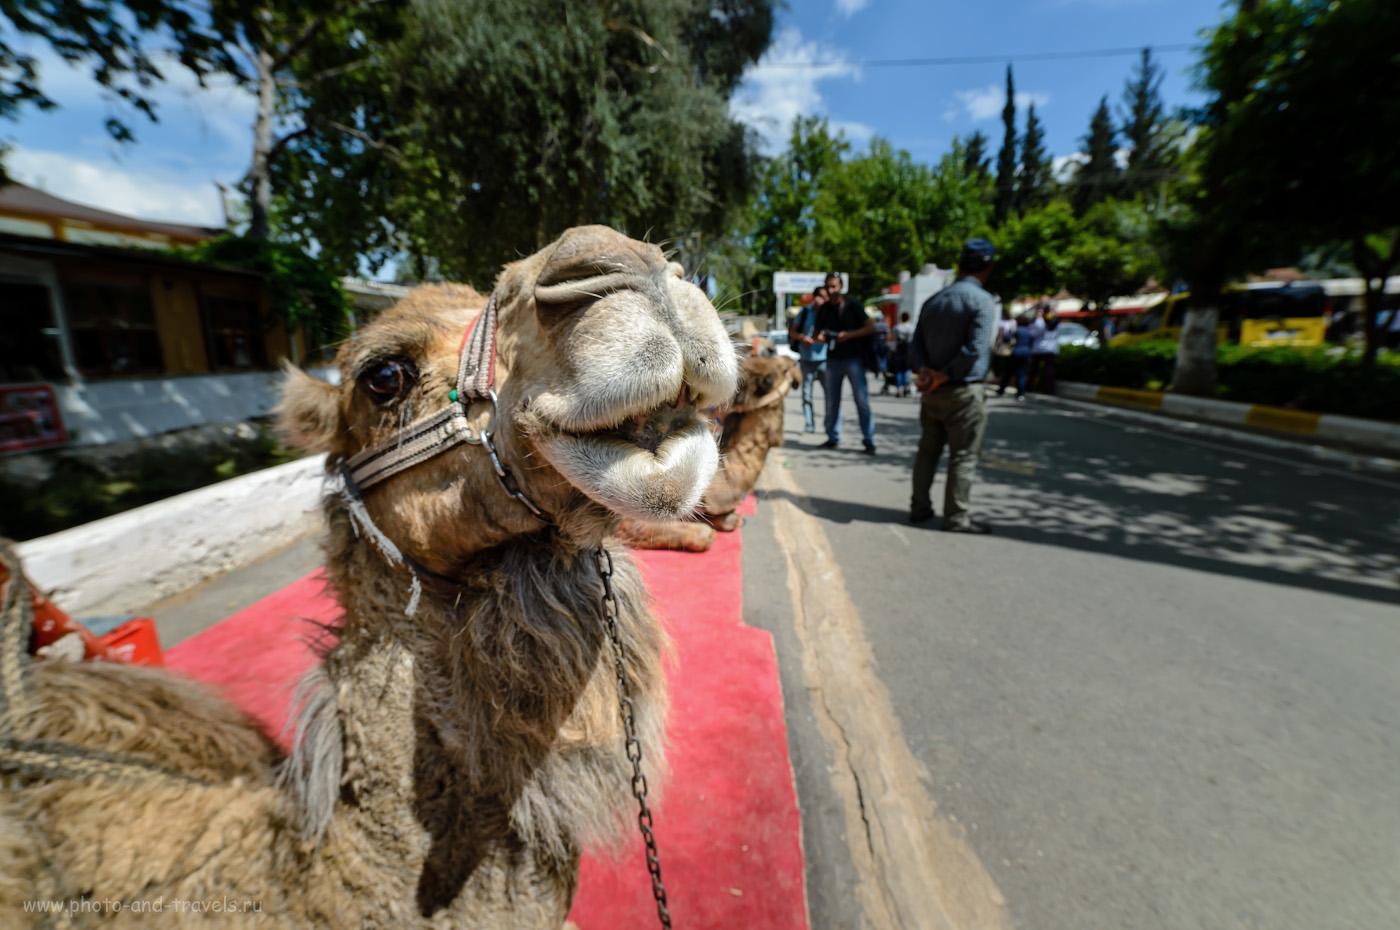 Фото 17. Сейчас плюнет? Верблюды могут быть очень опасны (см. рассказ о поездке к акведуку города Ольба в 2020 году). Отчеты туристов об экскурсии к водопаду Верхний Дюден. Рассказ про самостоятельное путешествие в Антали, поездку по Турции на авто. 1/400, 800, 250, -0.67, 14.